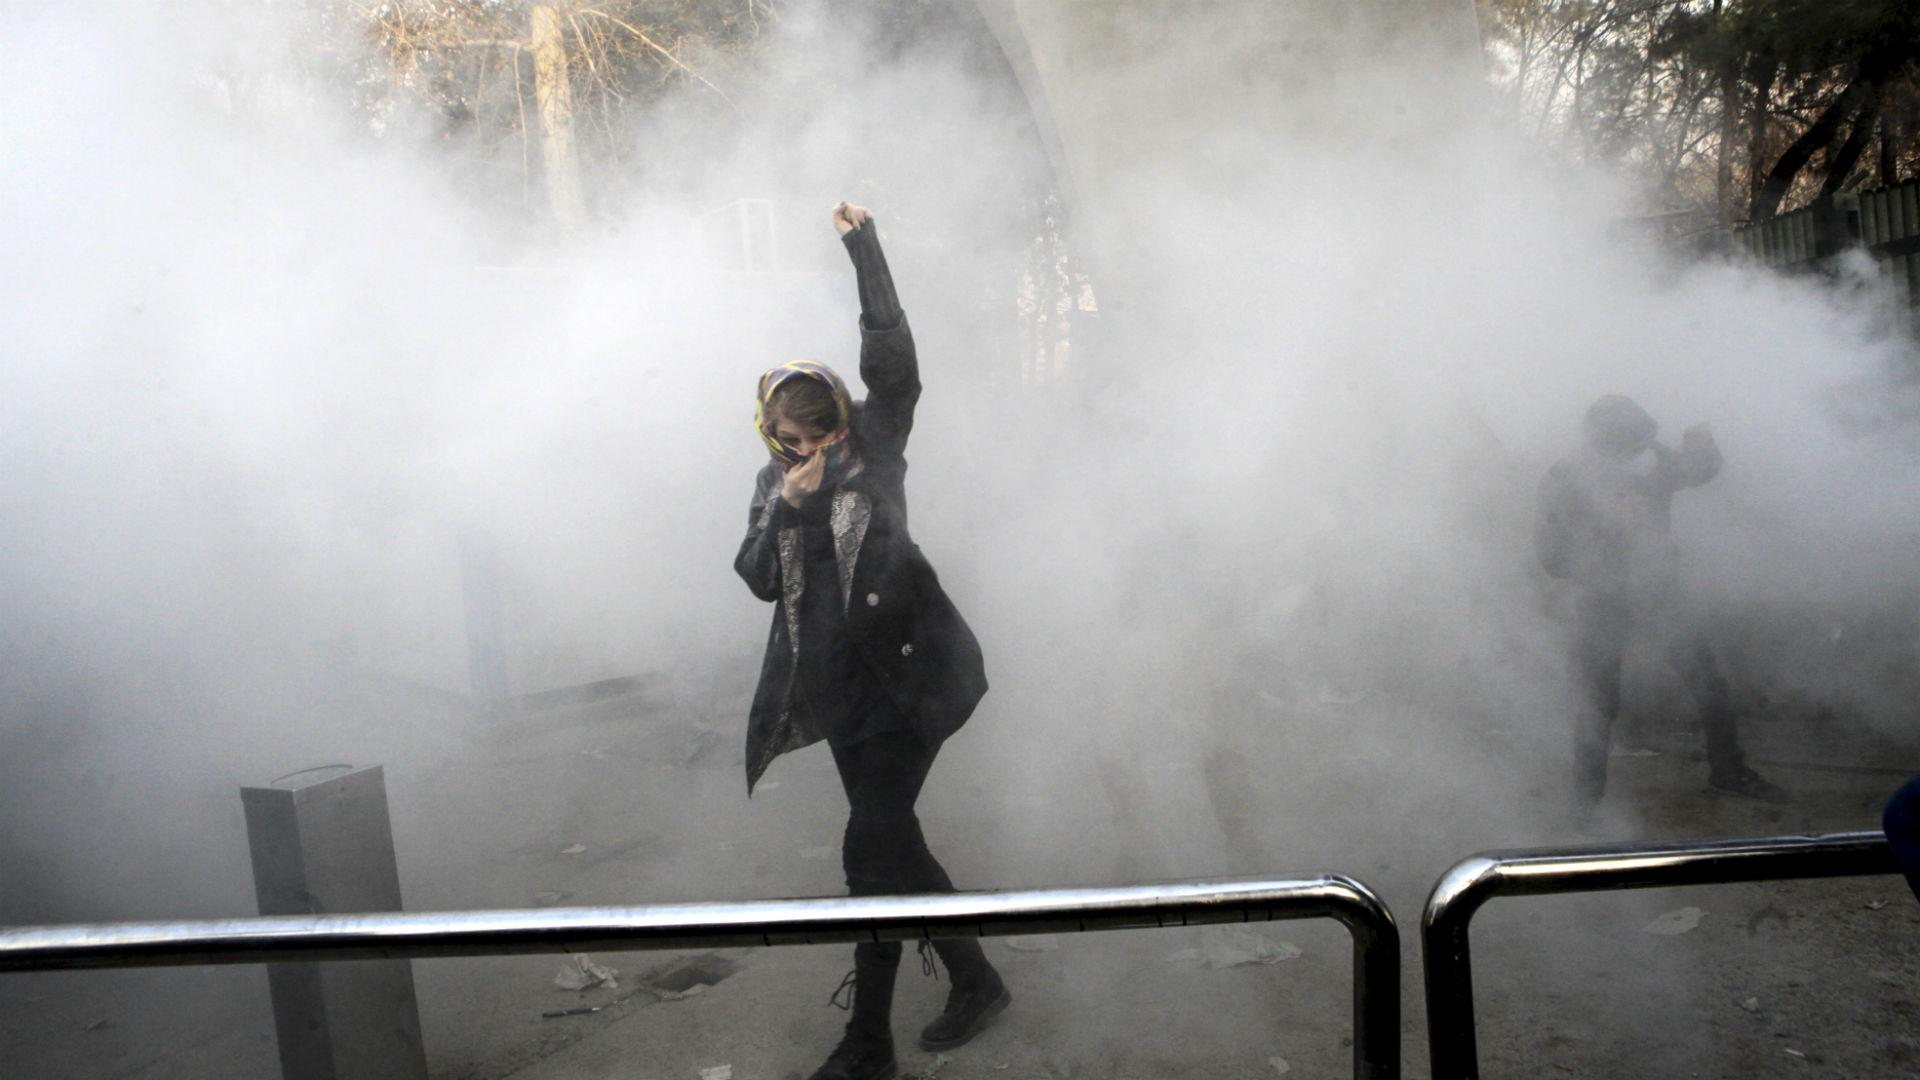 Las protestas en Iránle dieron motivos a Trump para aplicar nuevas sanciones